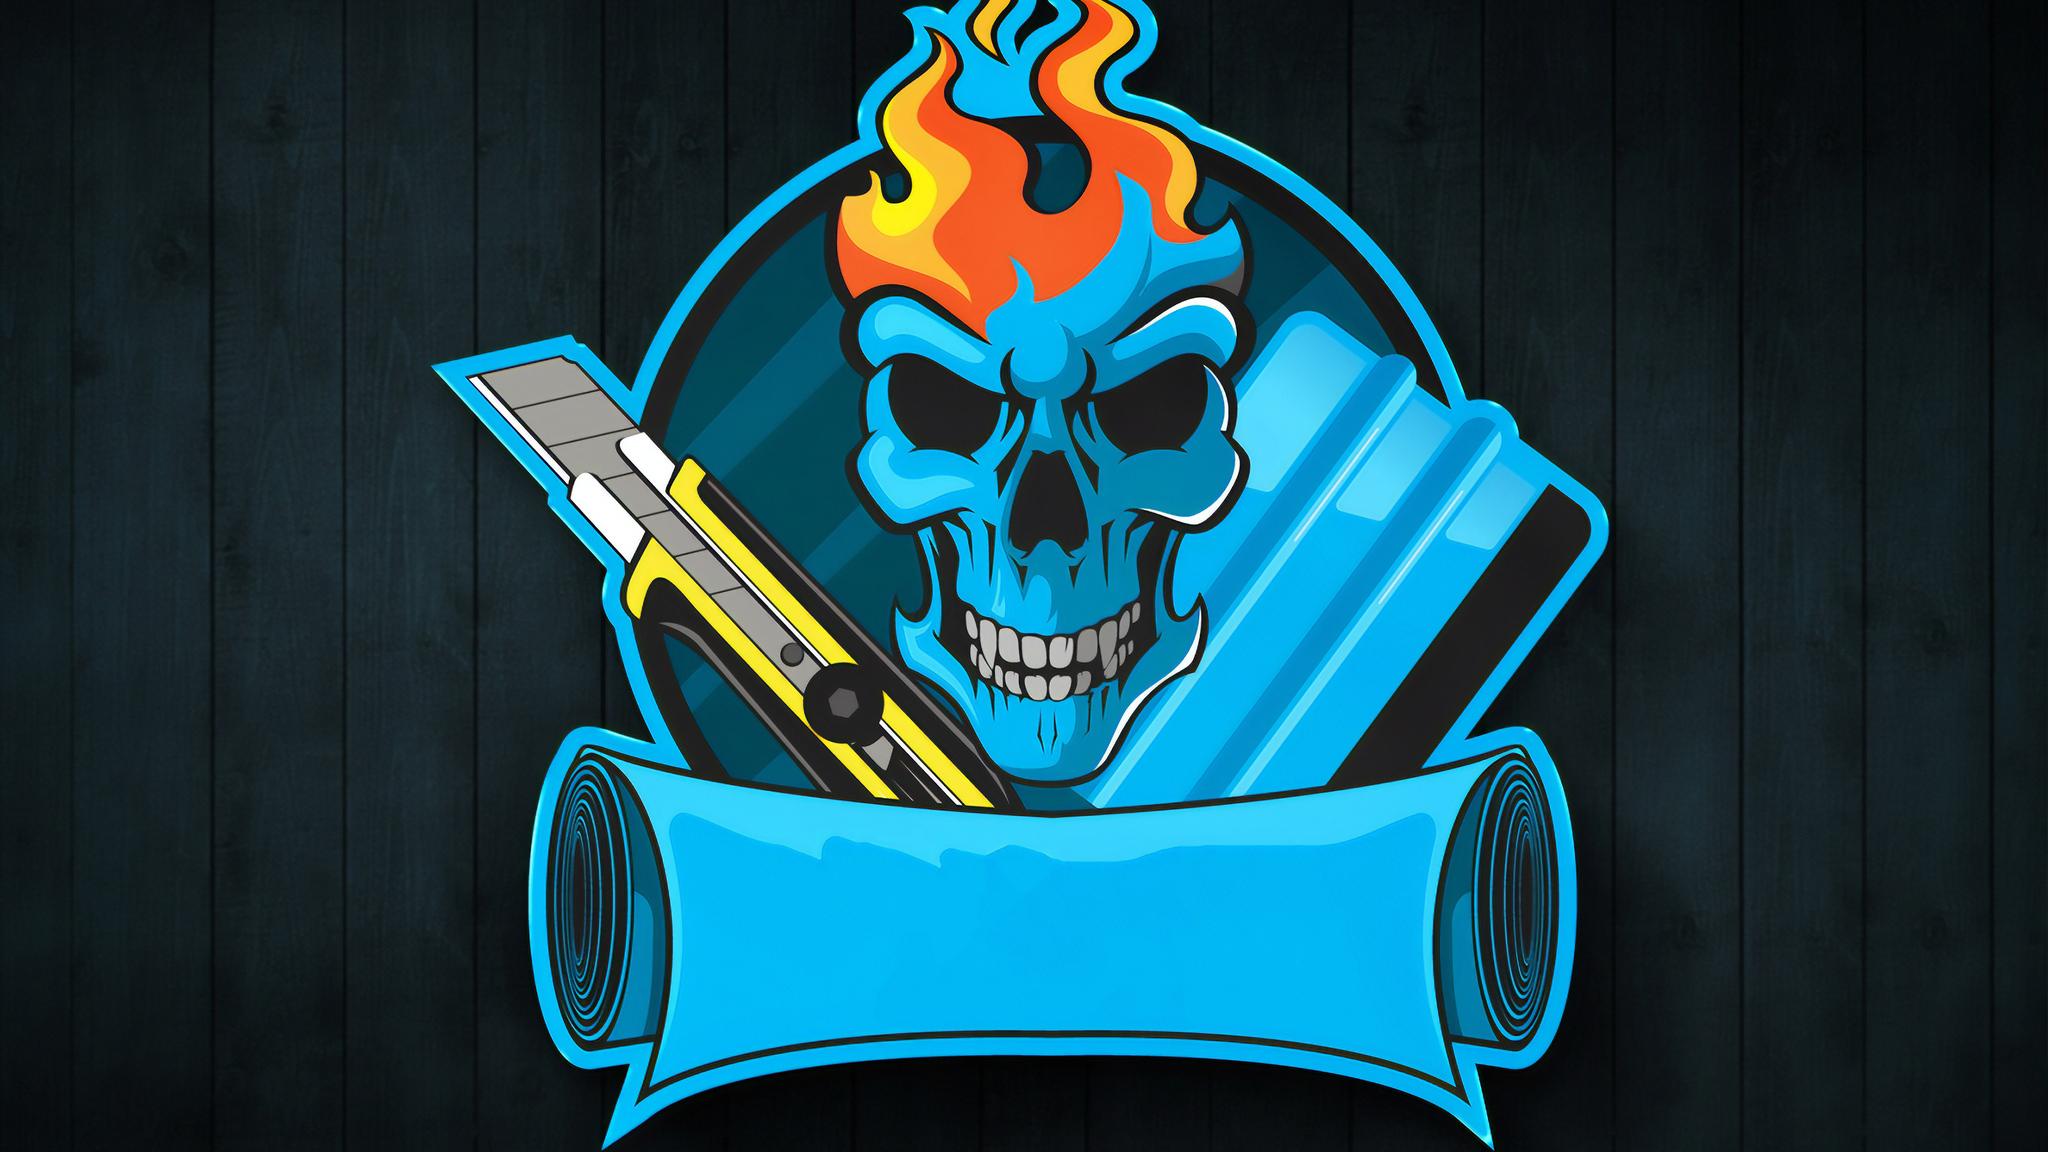 skull-graphical-art-4k-8f.jpg